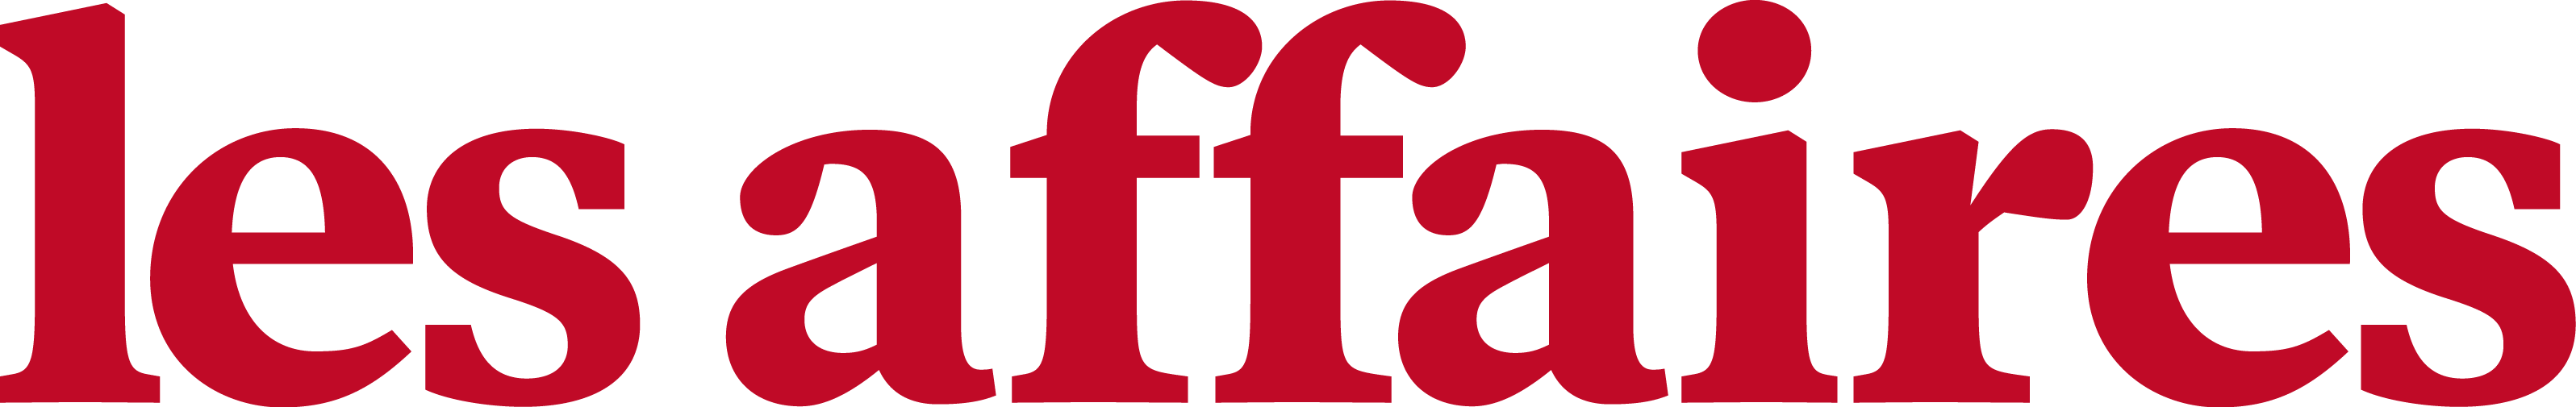 logo-commanditaire-octas-les_affaires